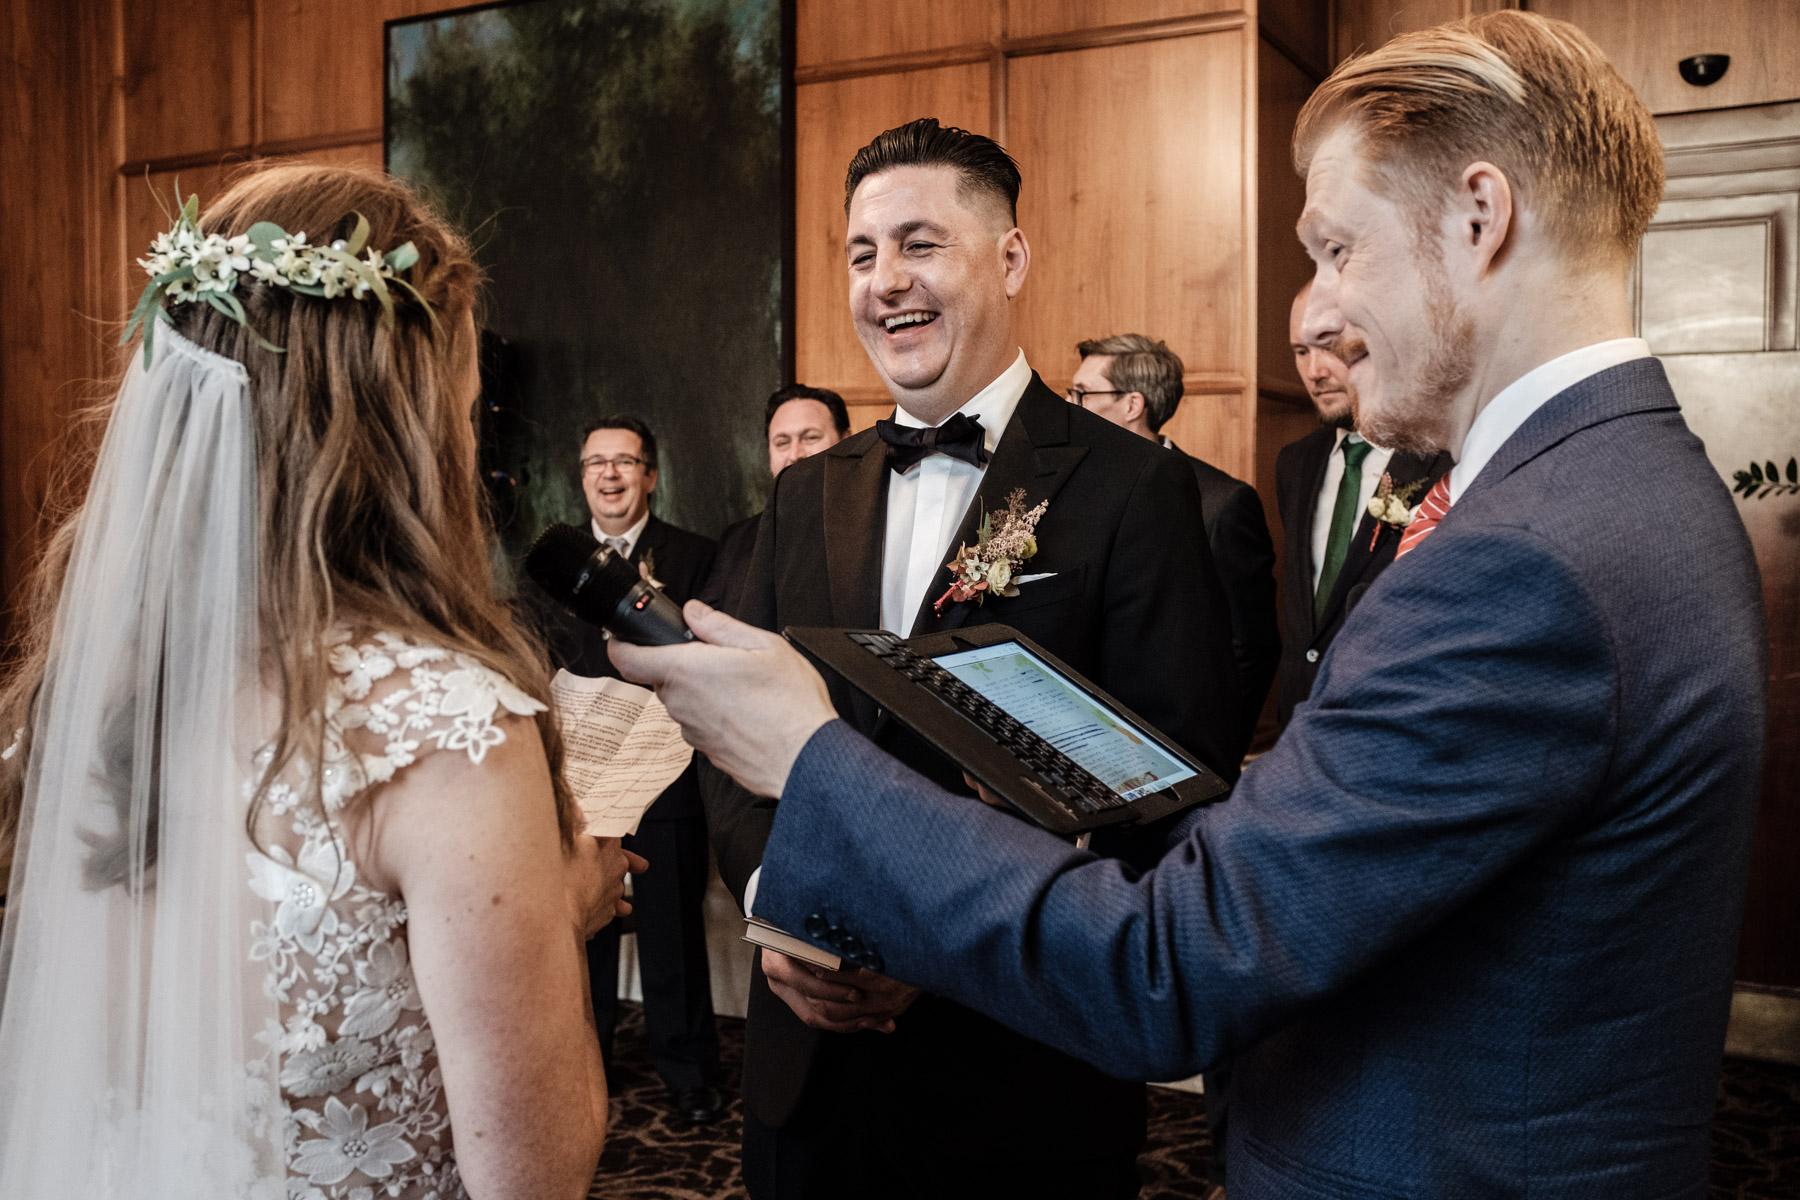 MartinLiebl_Kein_Hochzeitsfotograf_No_Wedding_Photographer_Budapest_Gresham_Palace_041.jpg